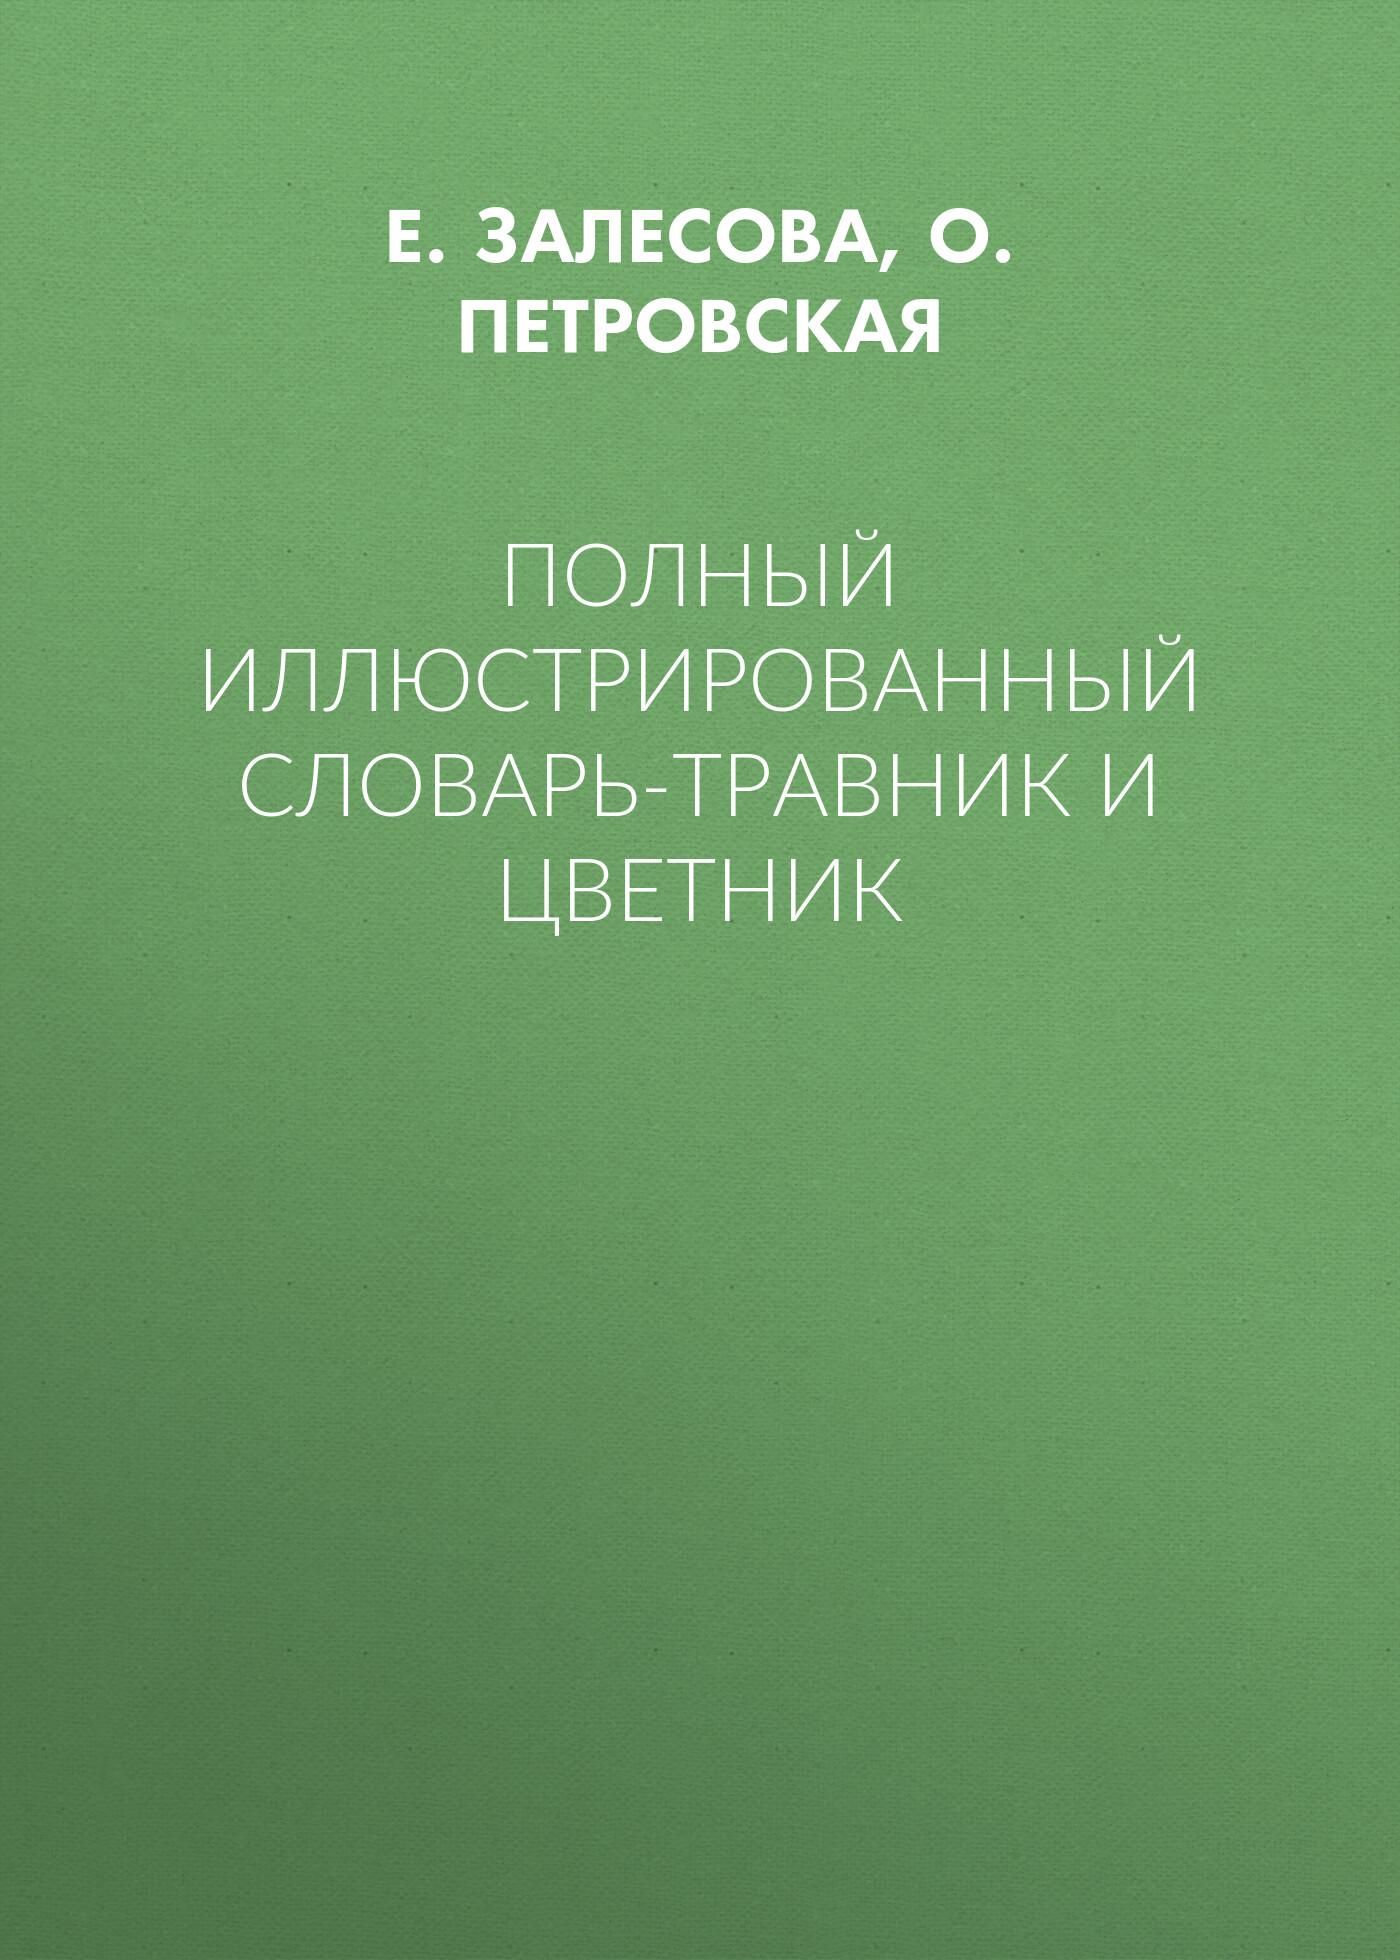 Е. Залесова, О. Петровская «Полный иллюстрированный словарь-травник и цветник»